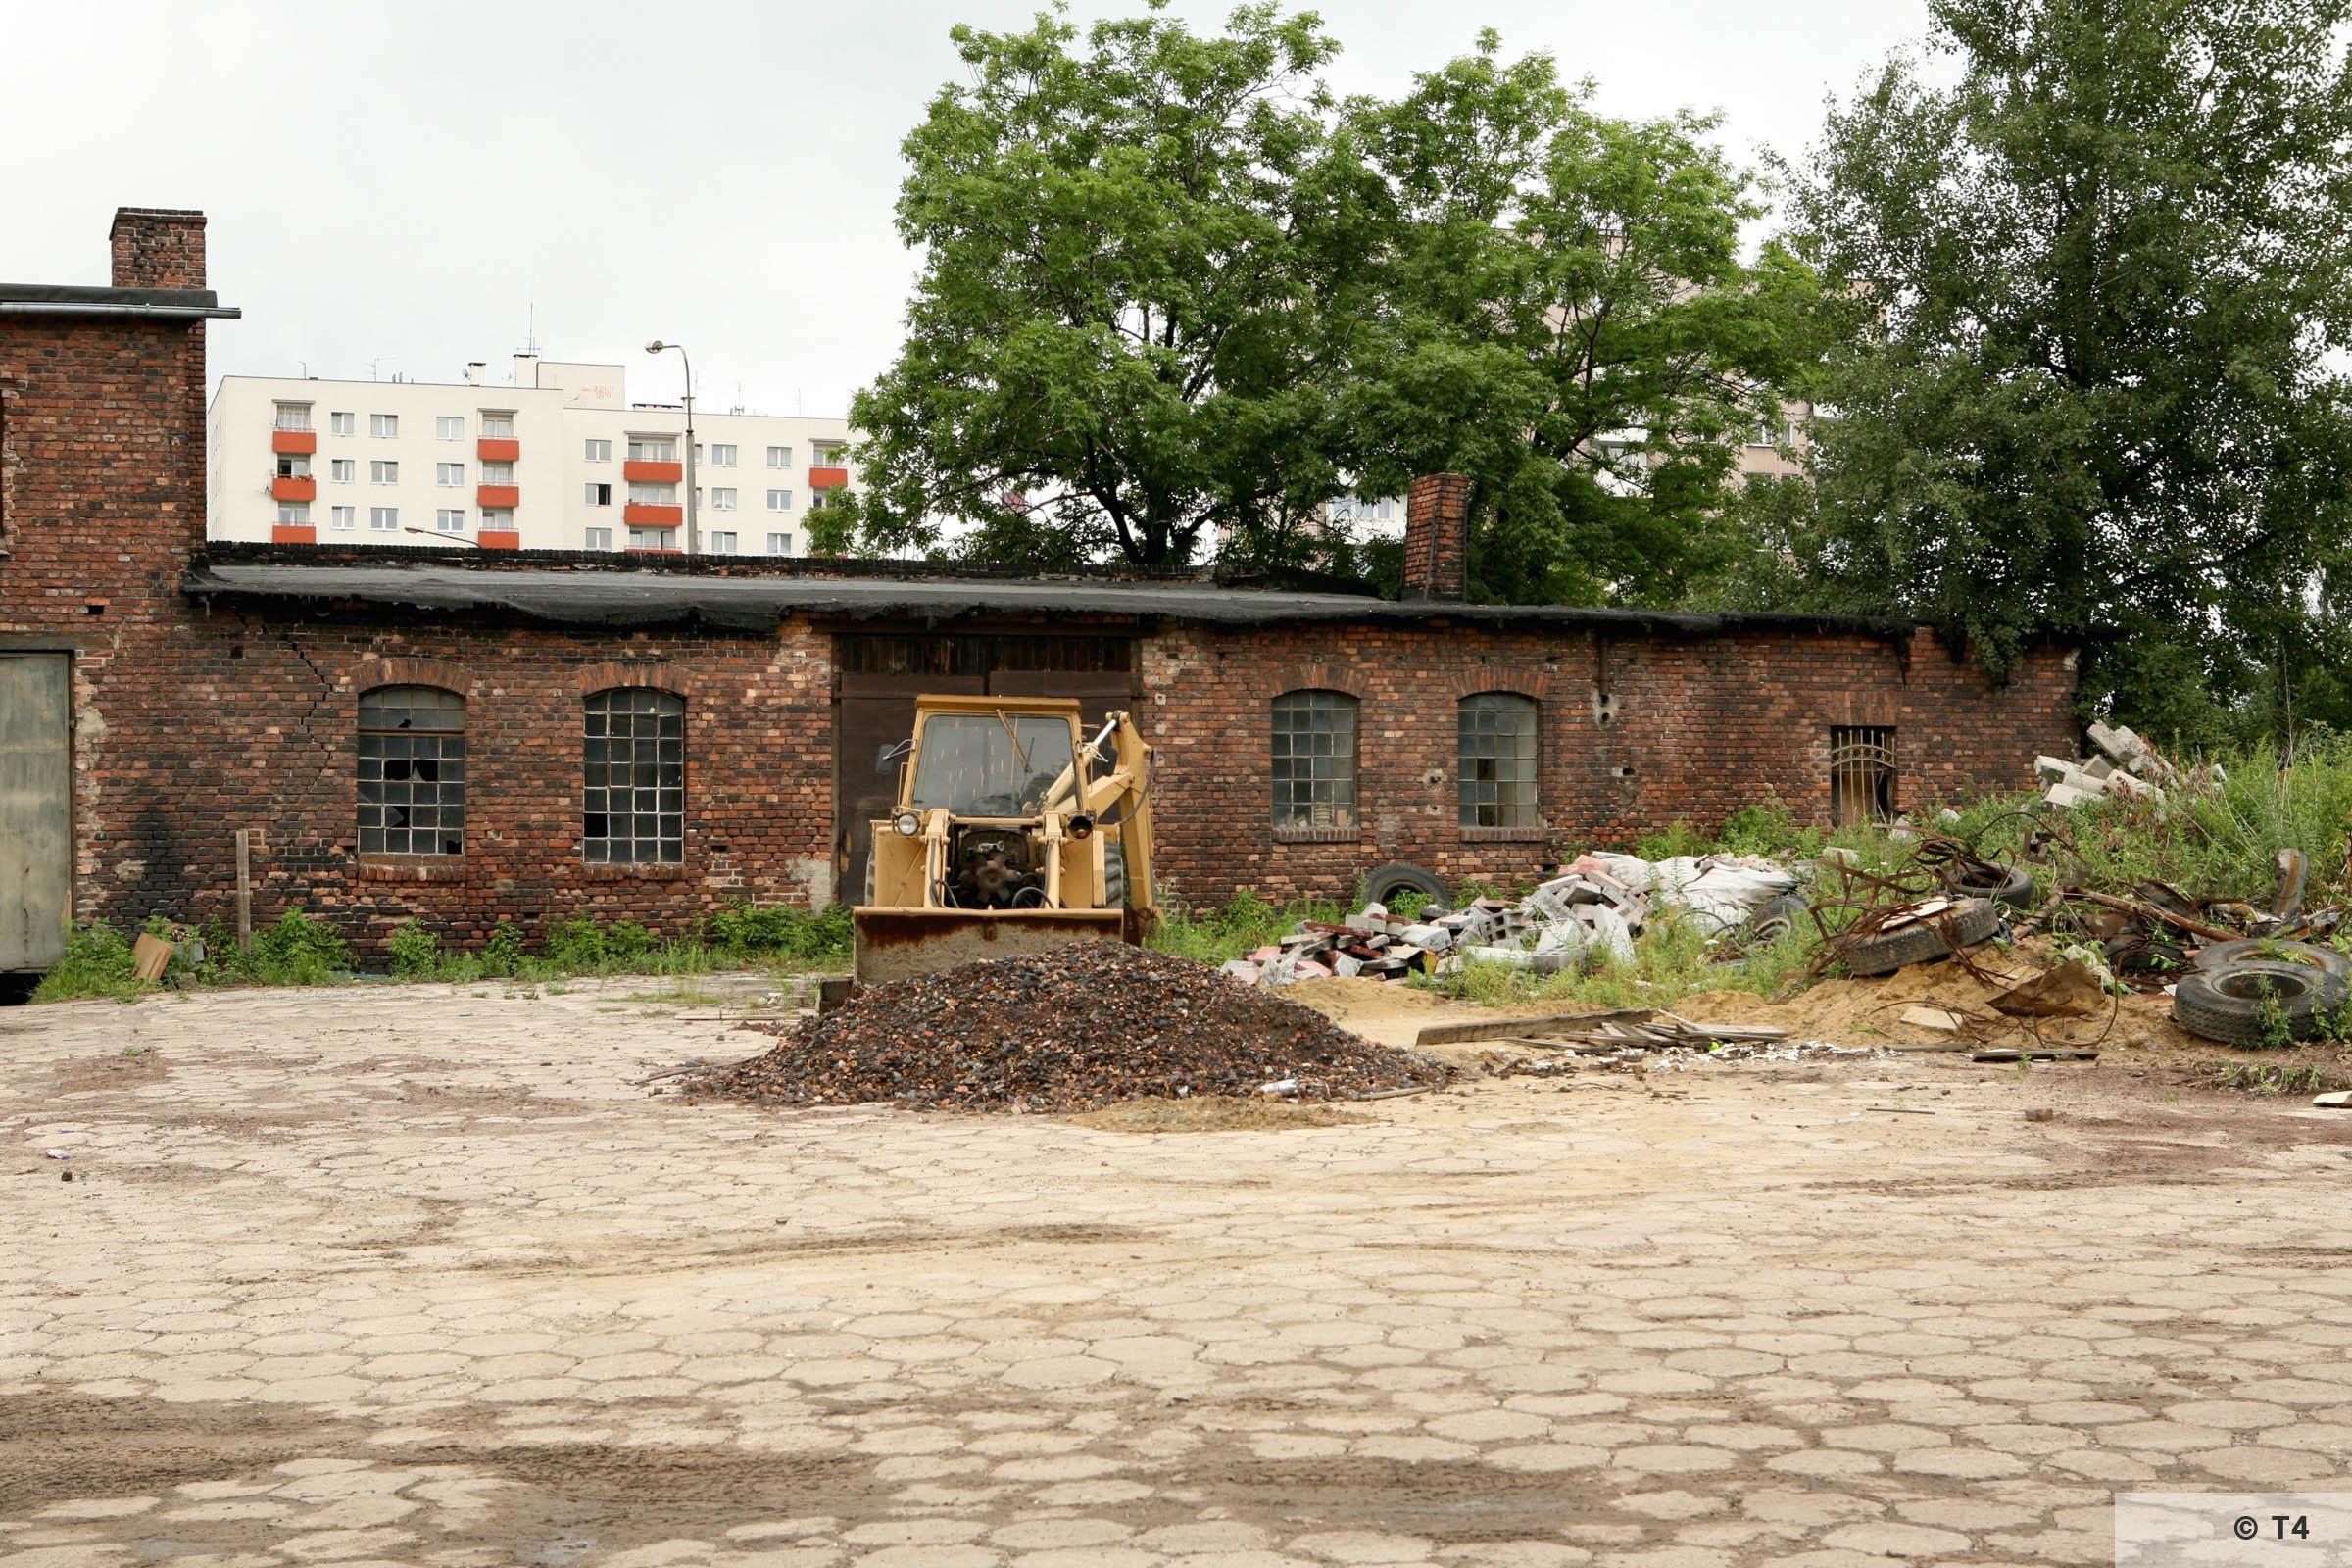 Brickyard at ul Ceglana where prisoners lived. 2007 T4 9475